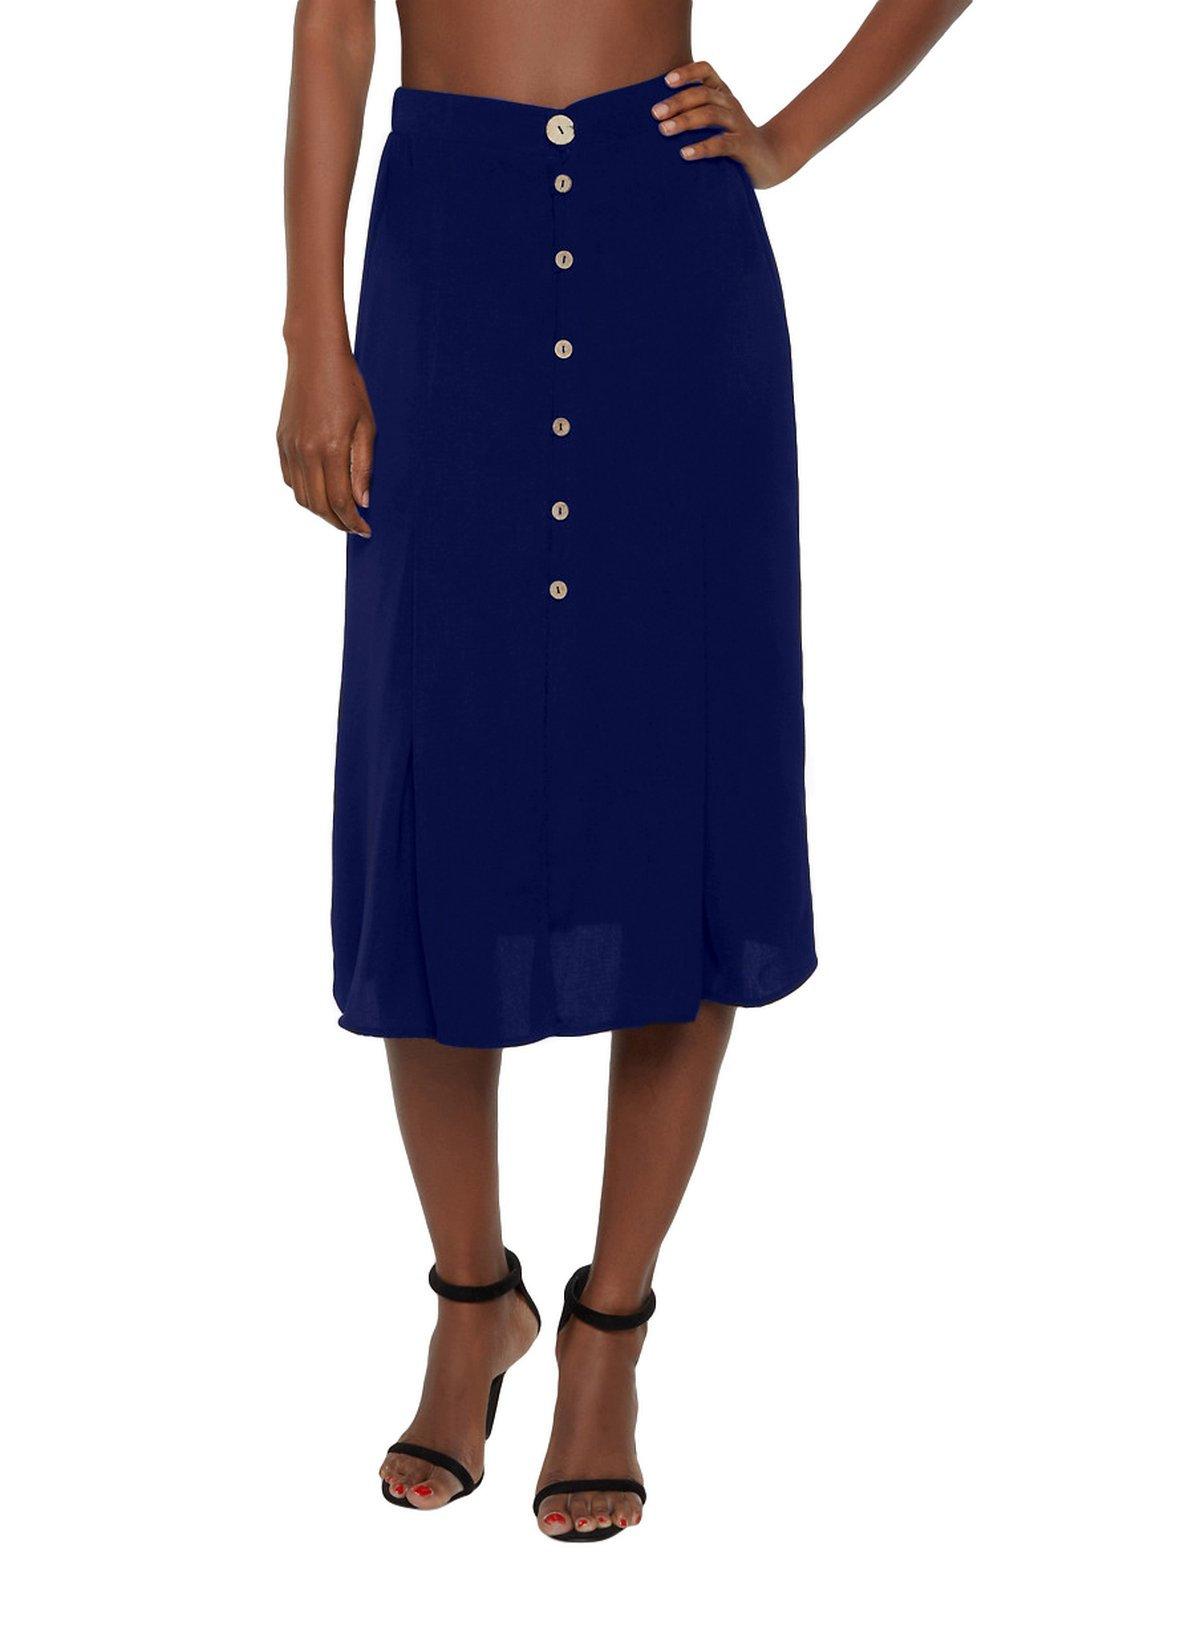 A-Line Below Knee Skirt in Royal Blue